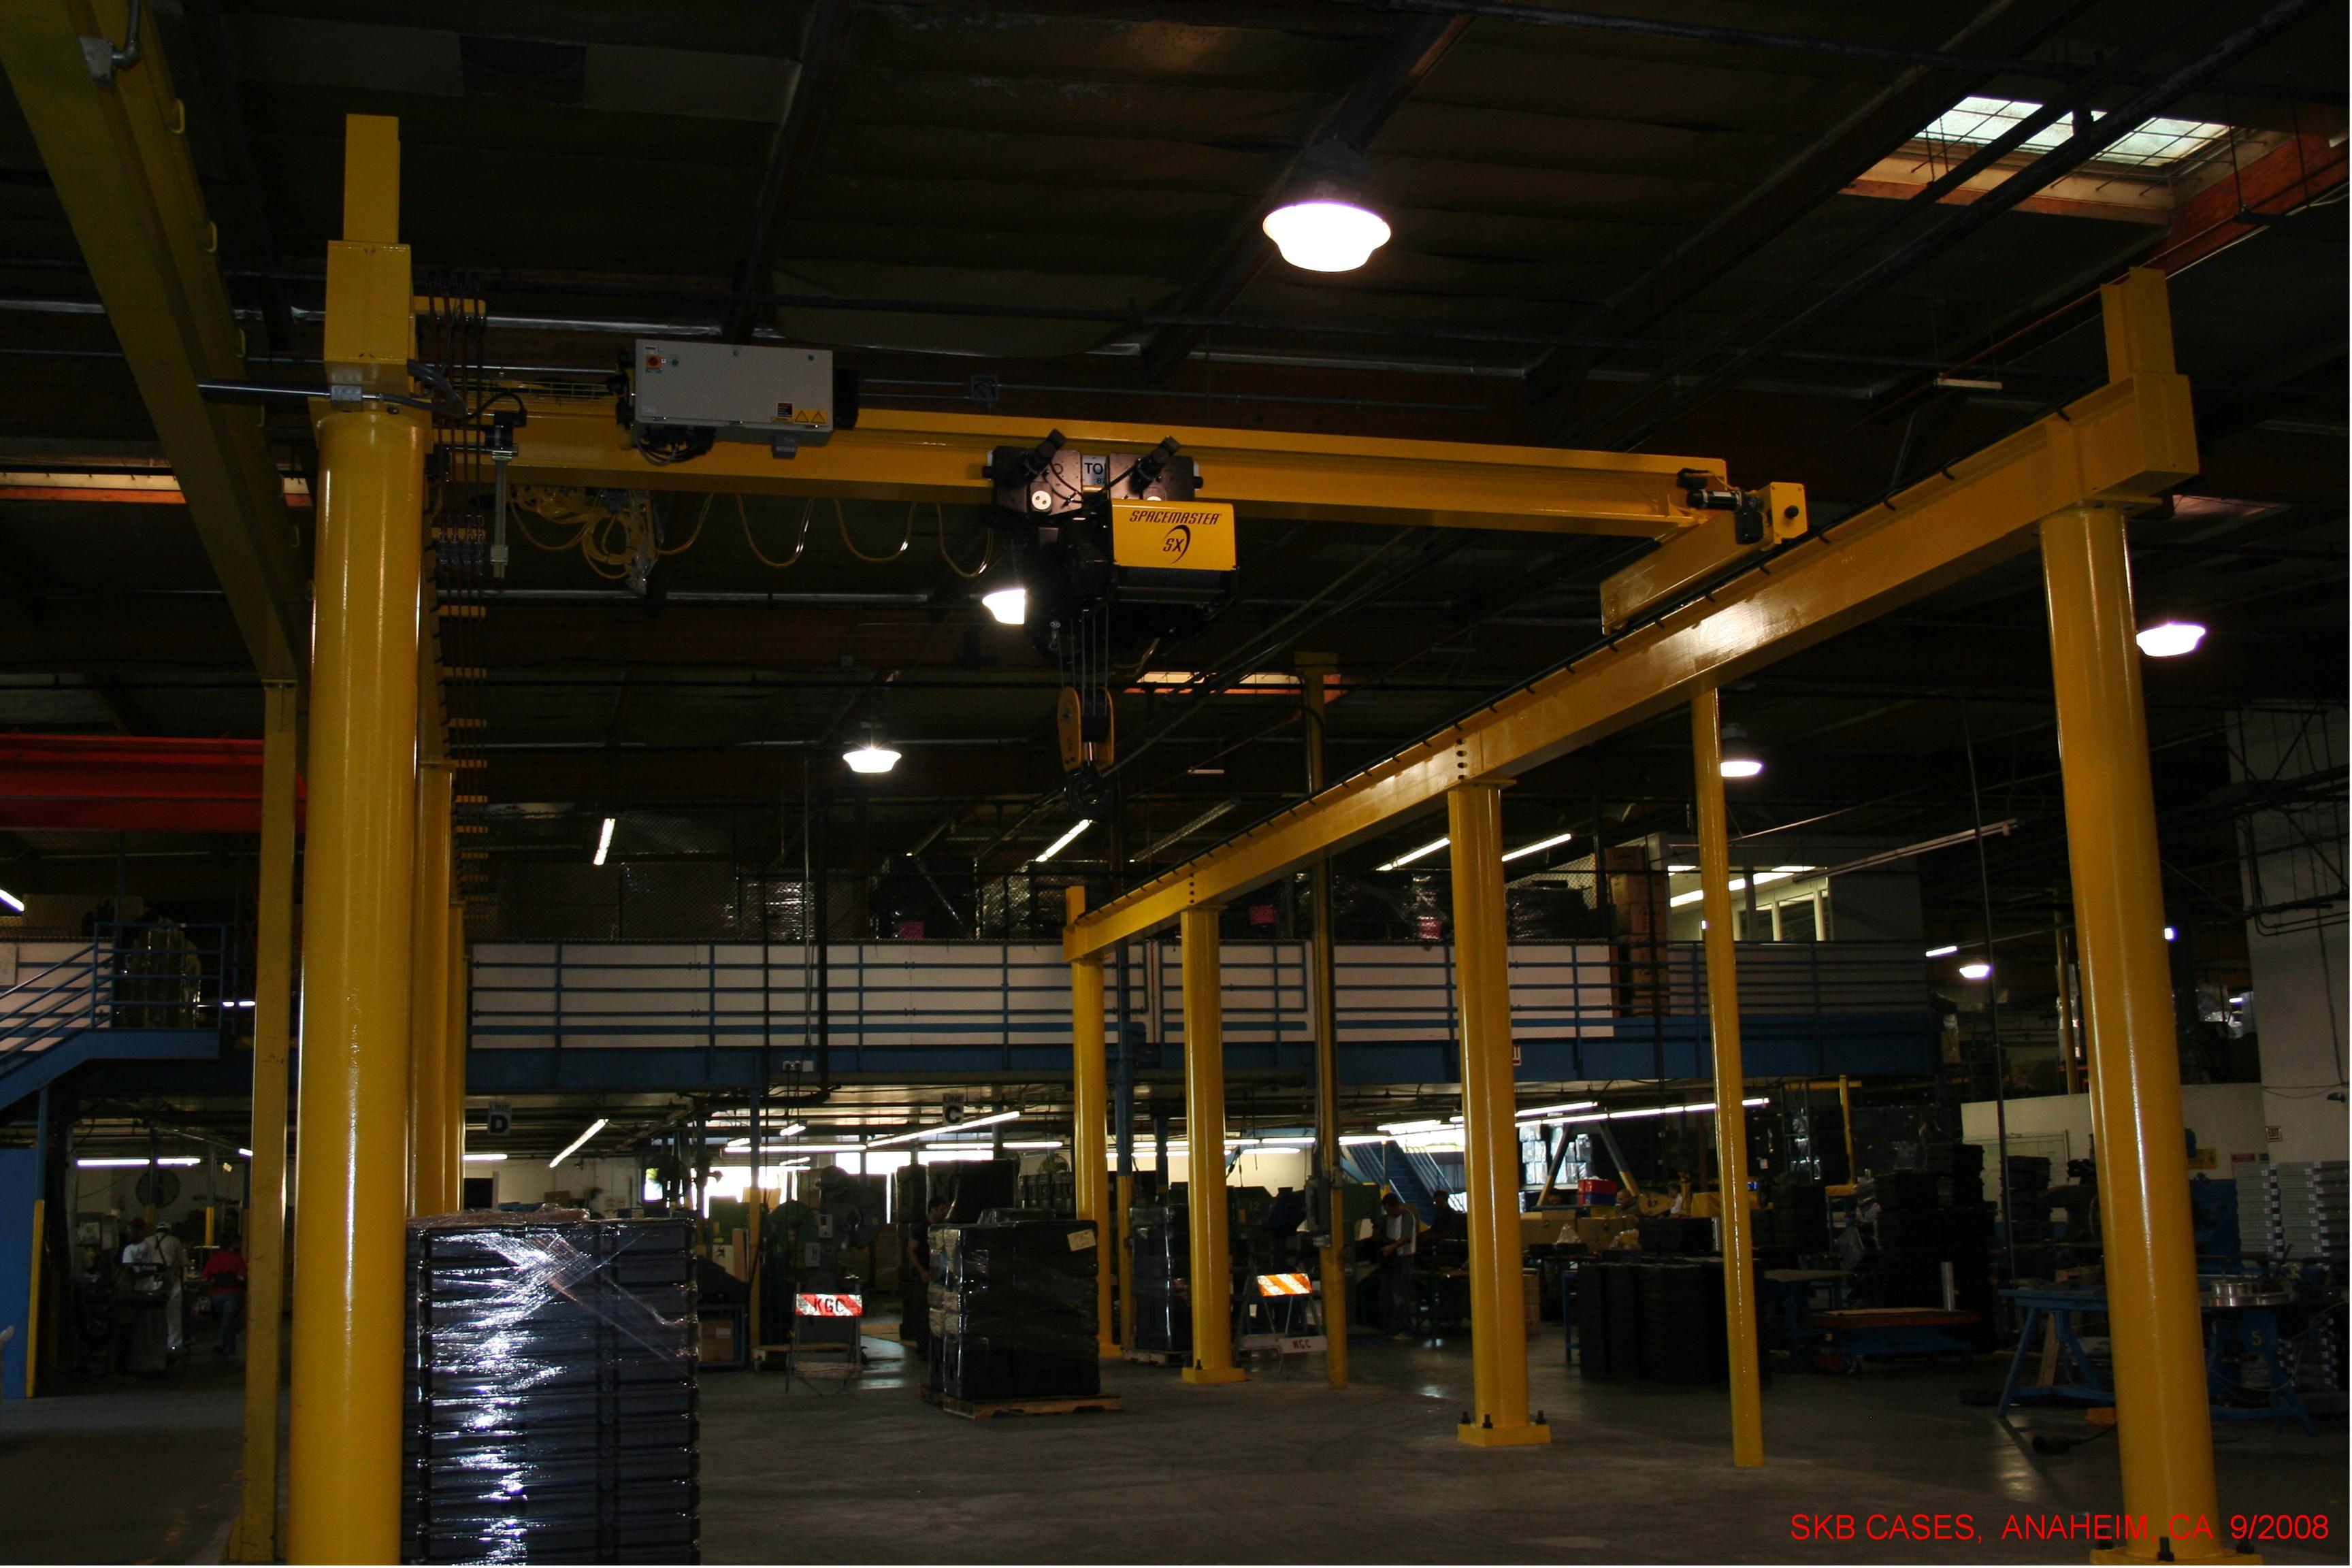 15-Ton Bridge Crane